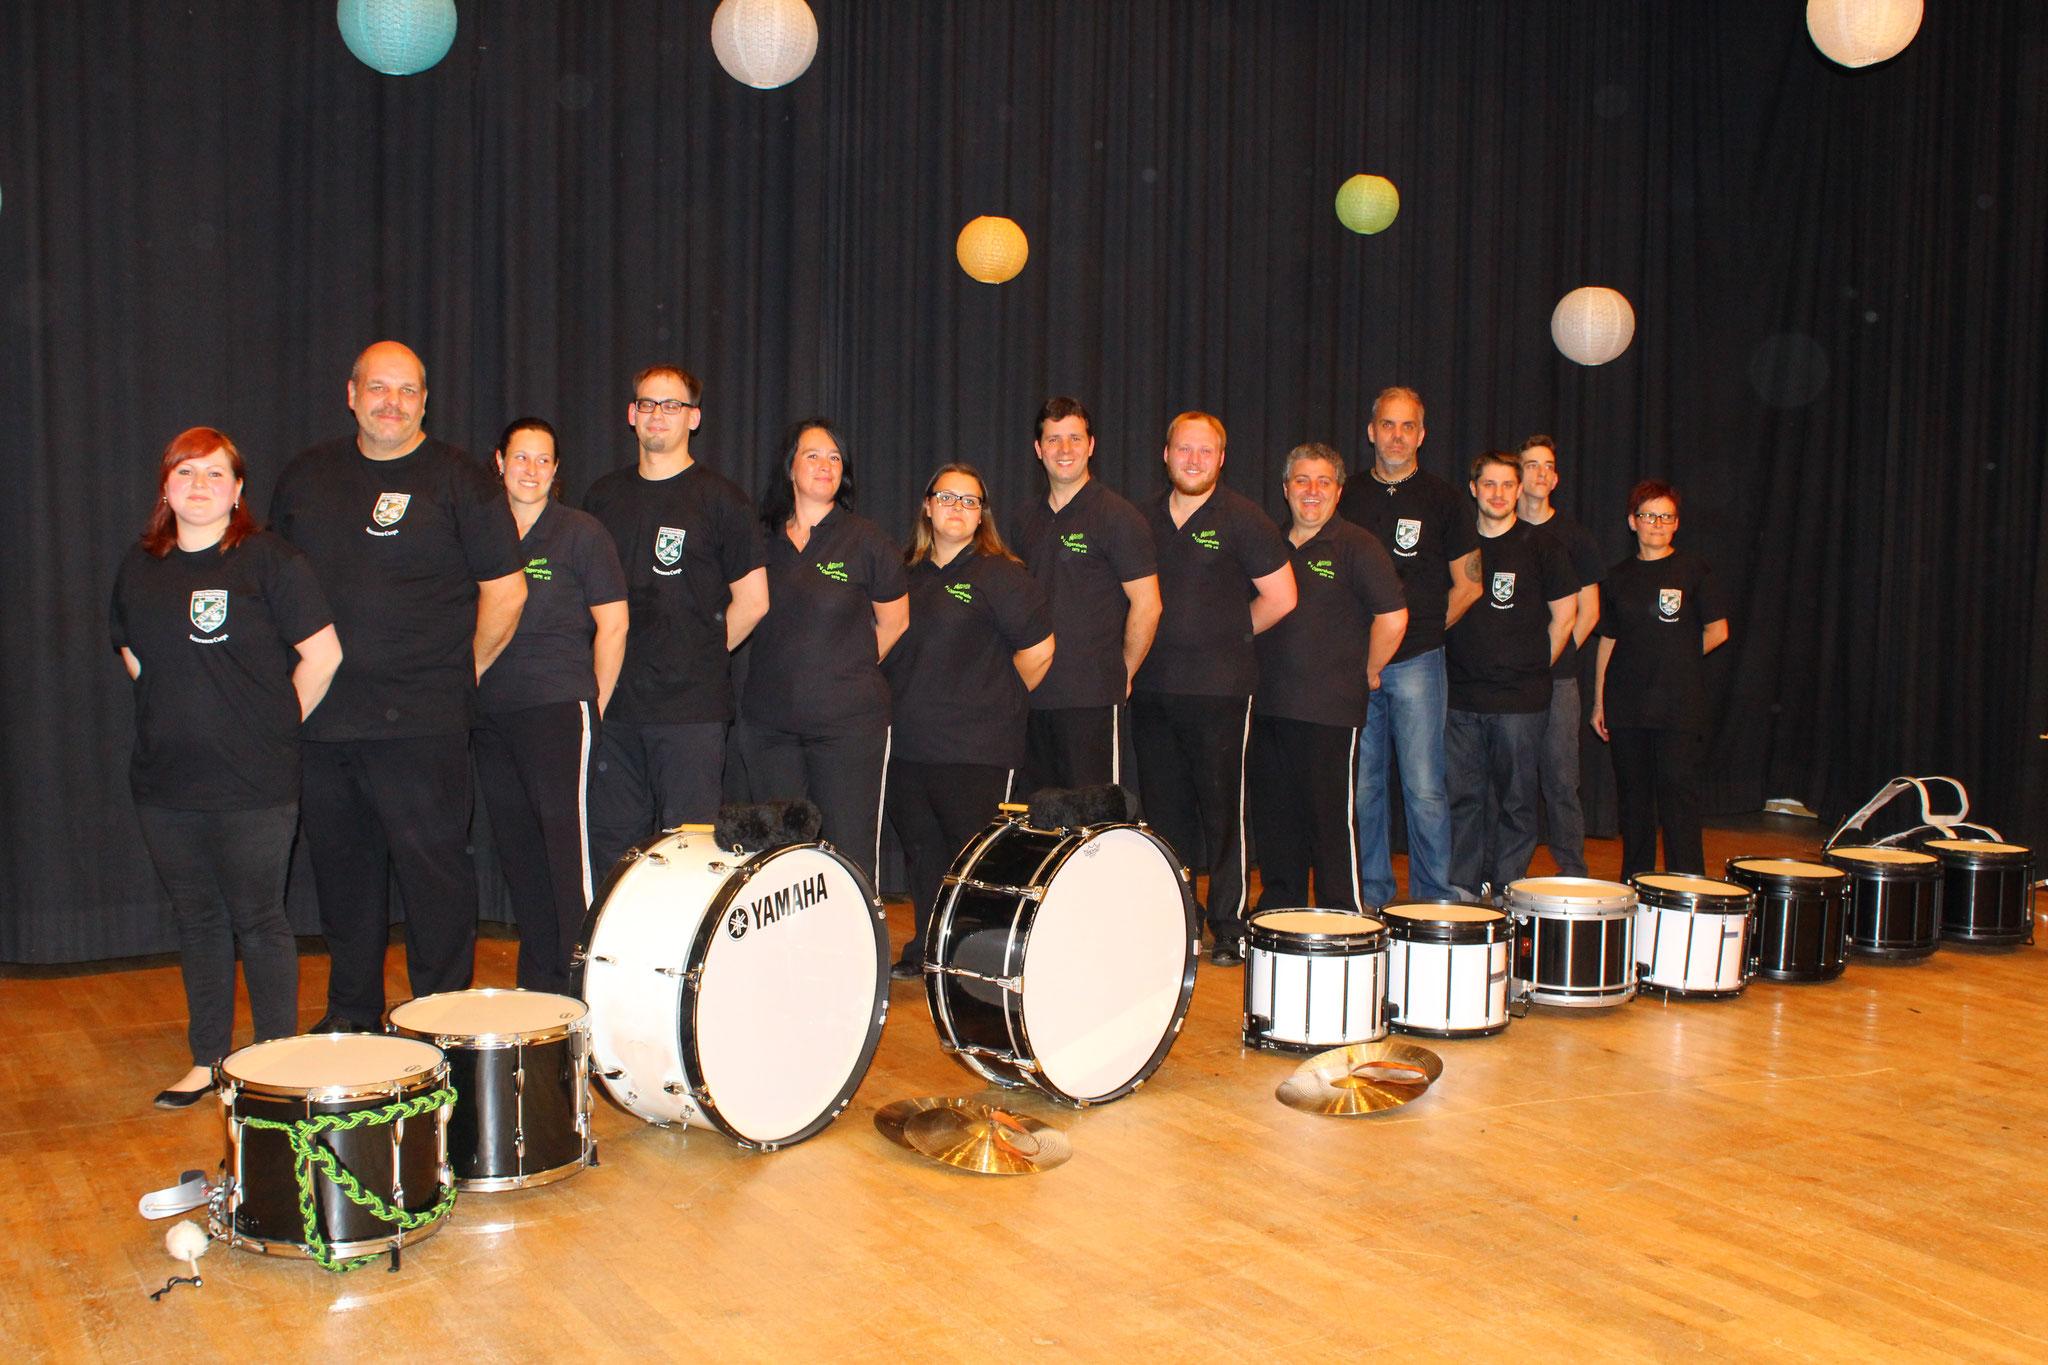 Drum Corps des Spielmannszug Kurpfalz 1956 e.V. und Musikverein Oggersheim 1975 e.V.